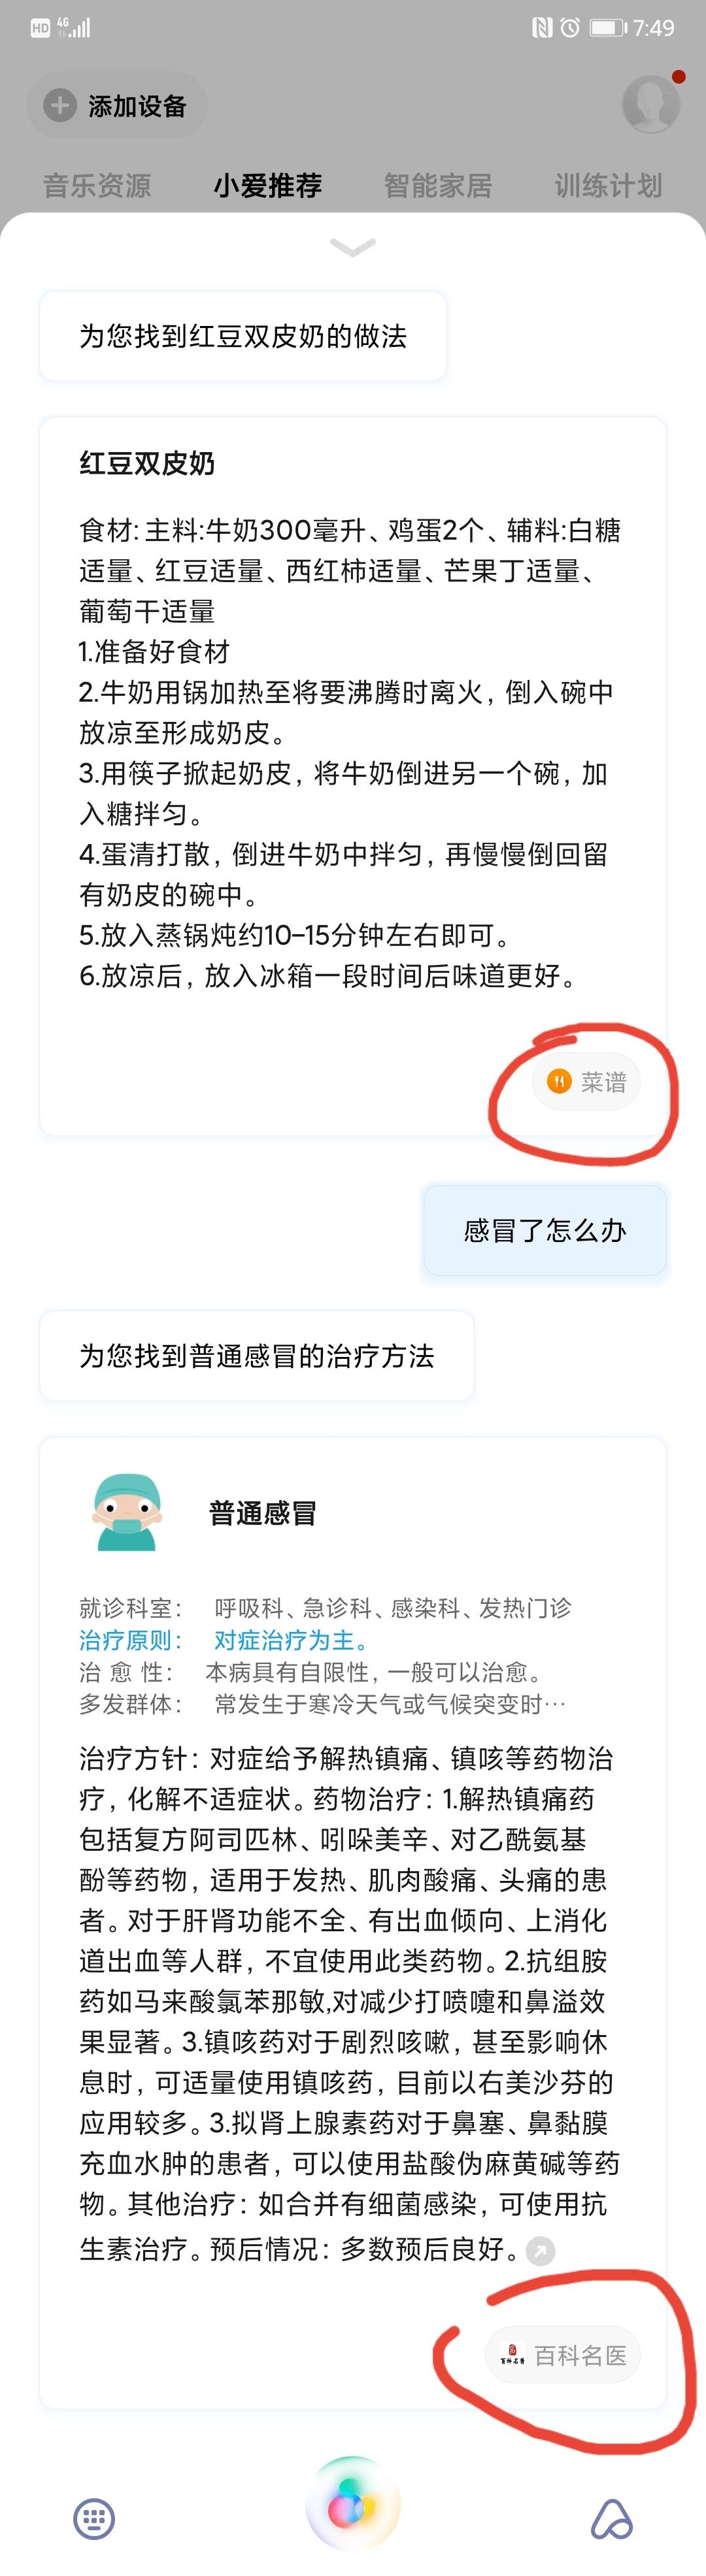 Screenshot_20200508_075009.jpg